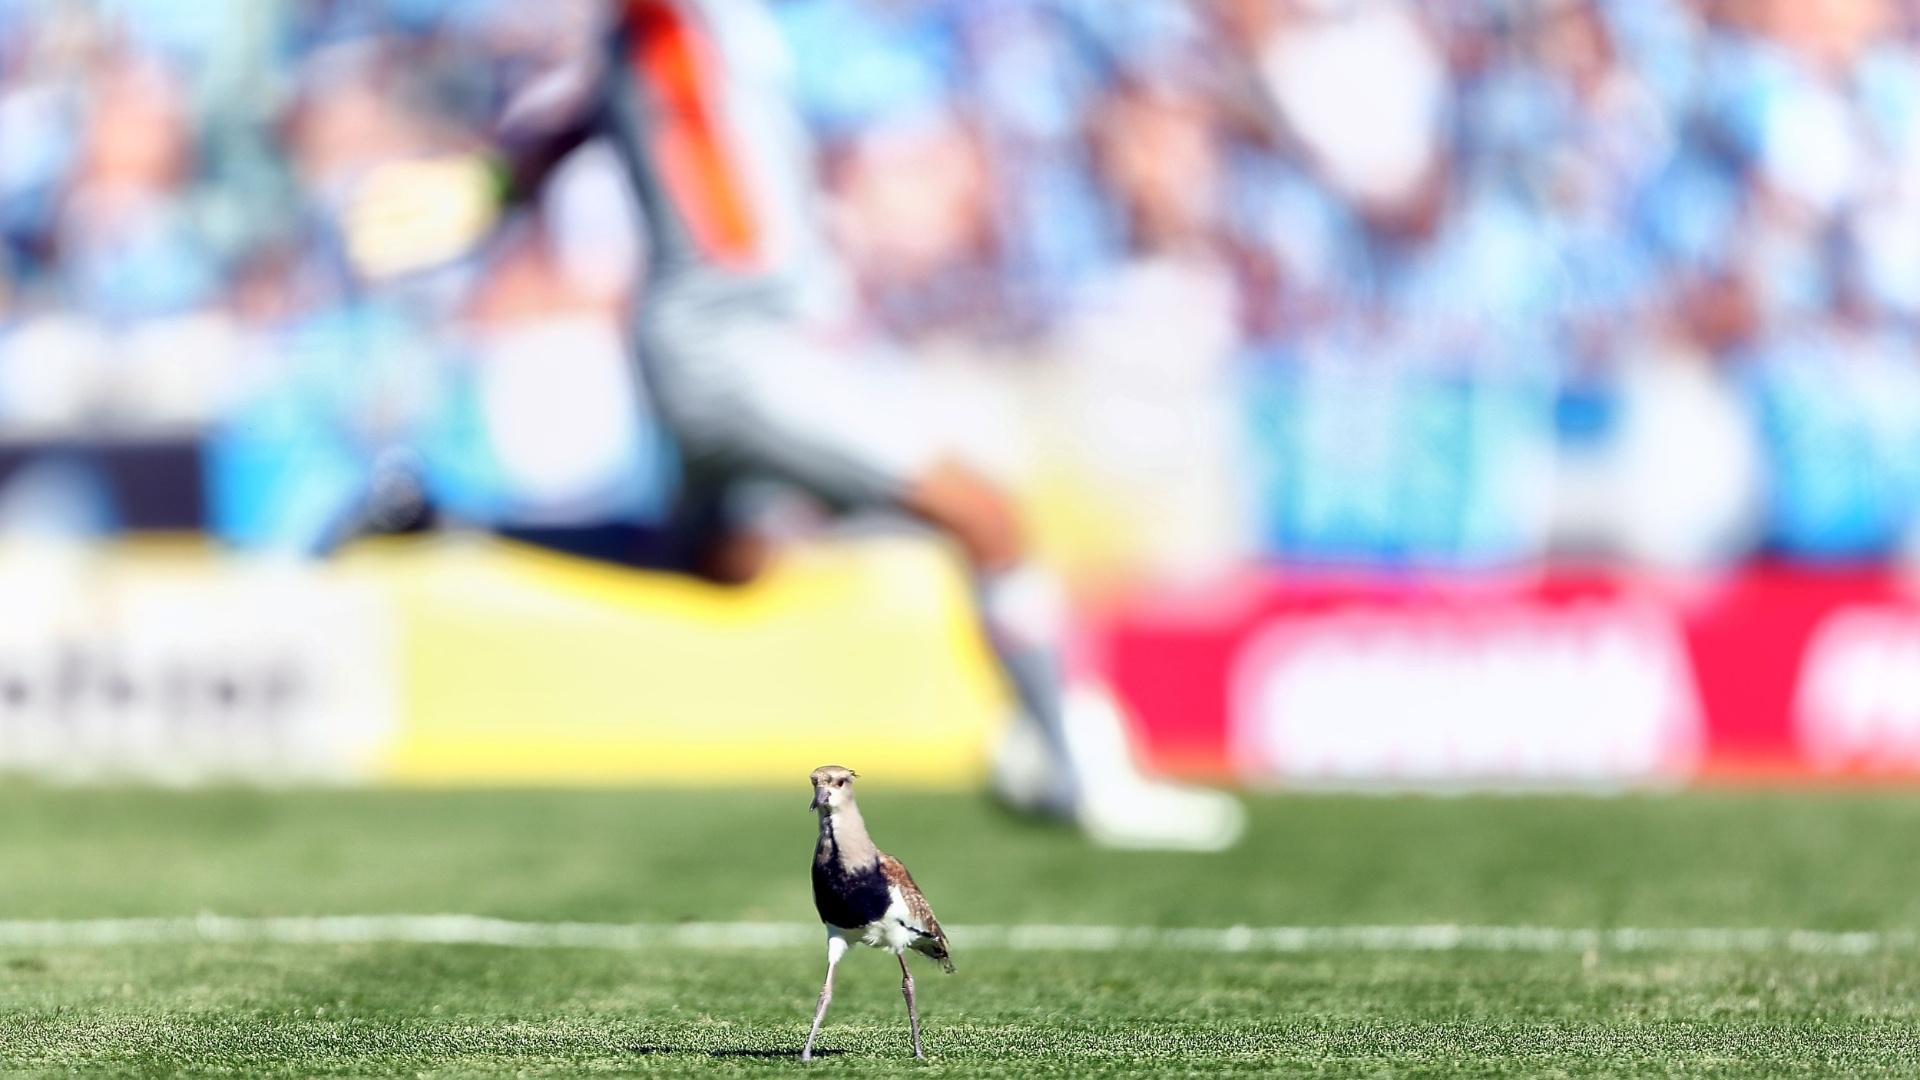 02.dez.2012 - Espectador inusitado, um pássaro fica ao lado do campo de jogo durante o clássico entre Grêmio e Internacional, no estádio Olímpico, em rodada do Brasileirão